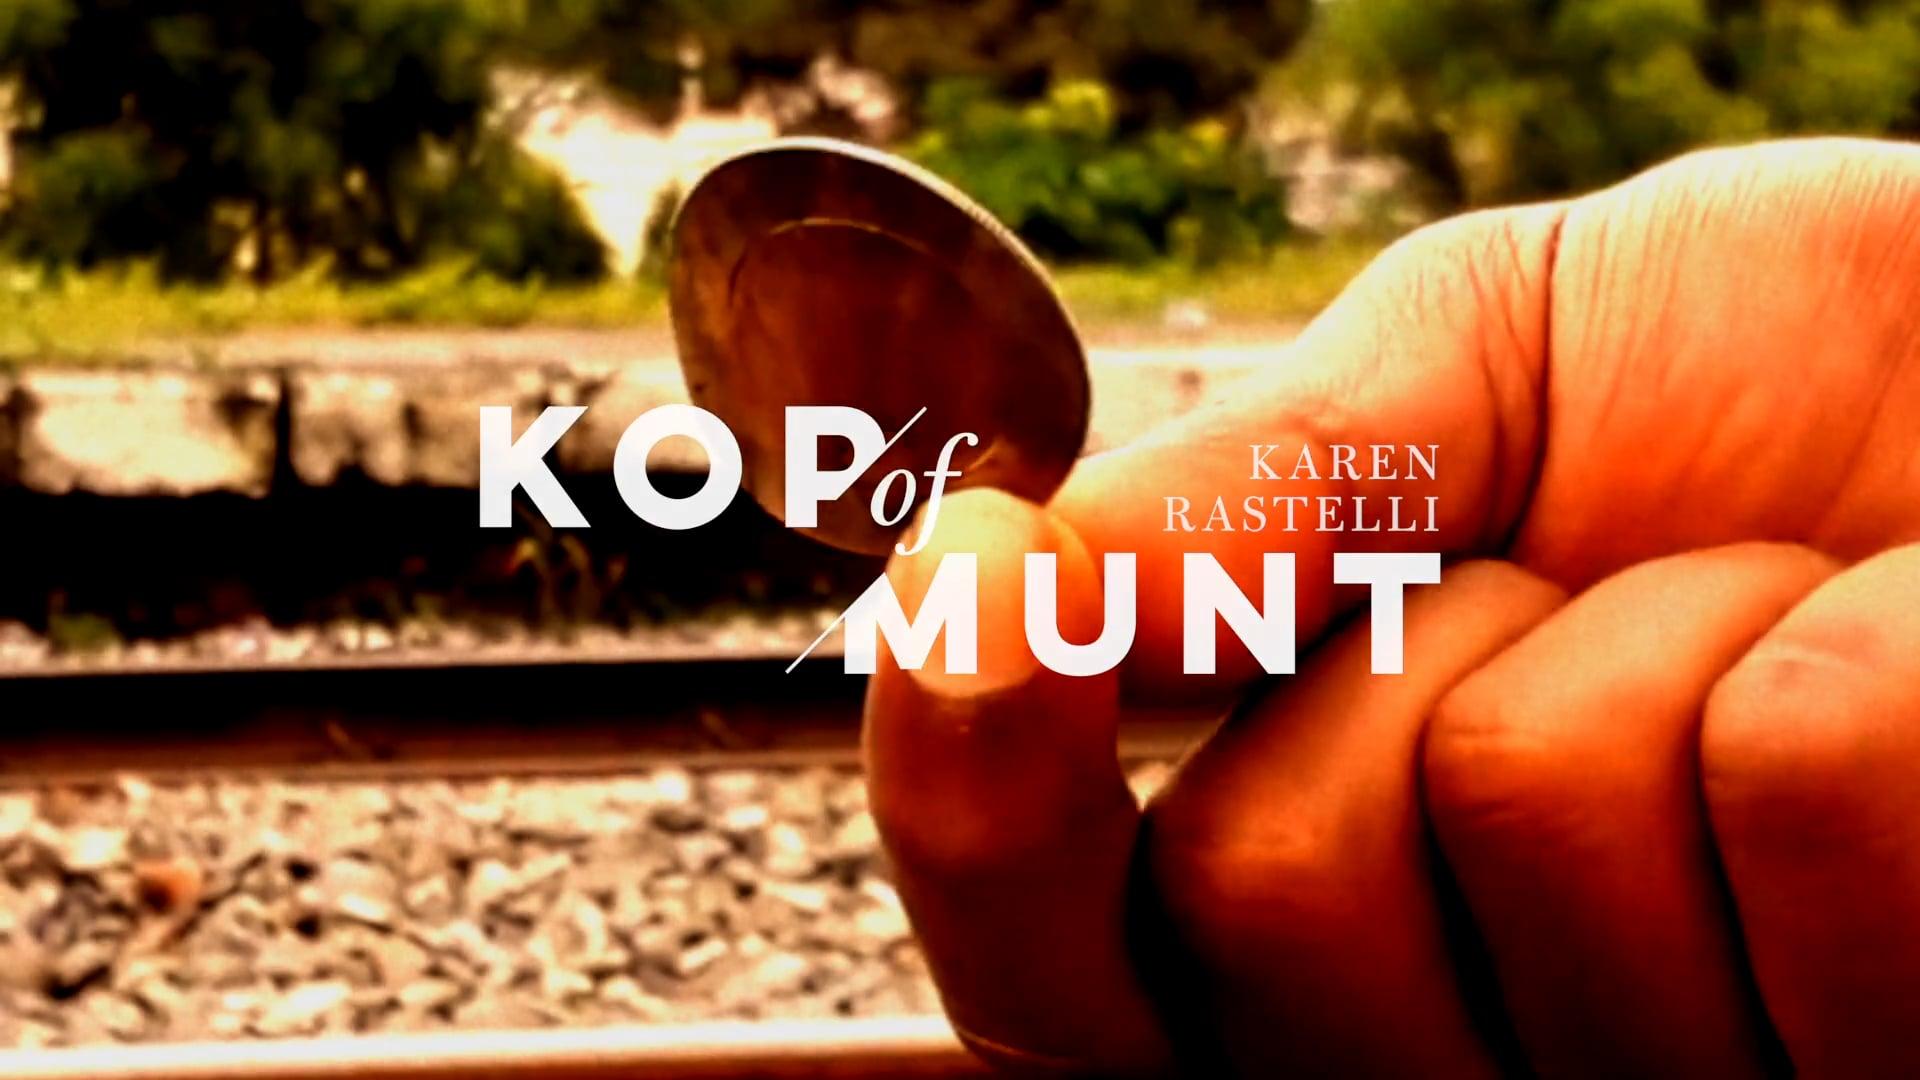 Karen Rastelli   Kop Of Munt